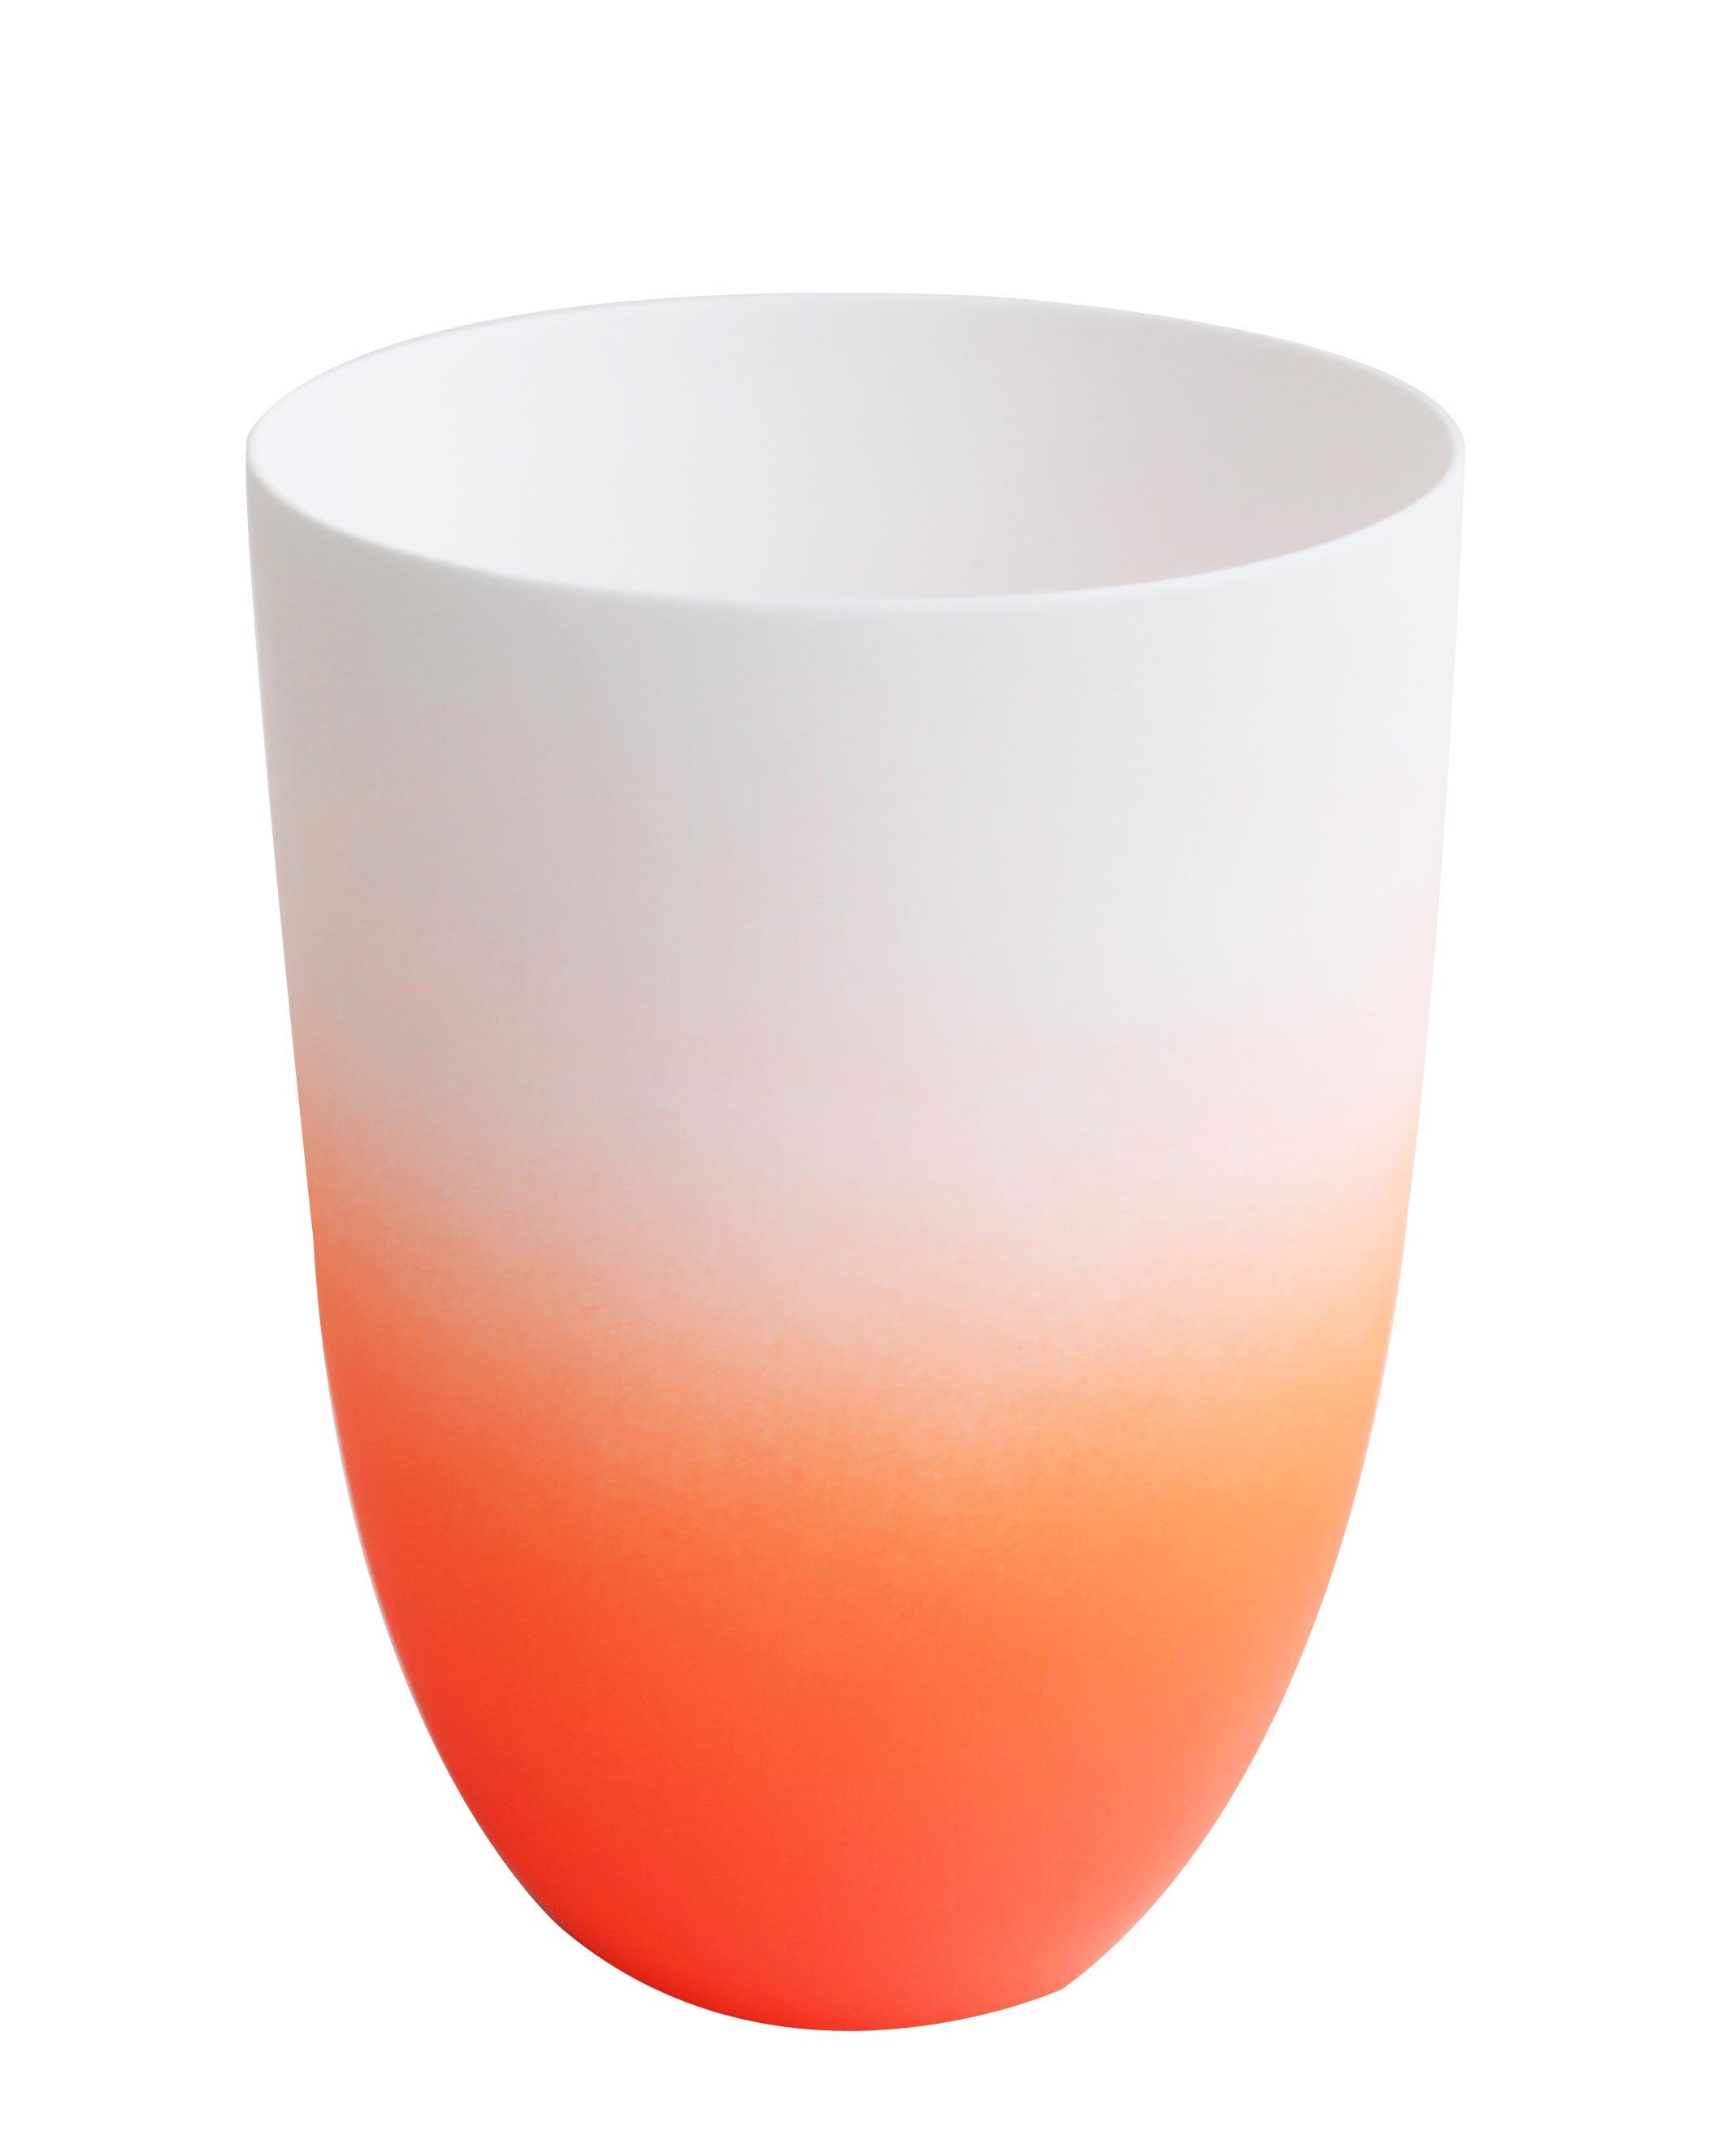 vase windlicht orange produkte home by asa die asa selection wohnwelten. Black Bedroom Furniture Sets. Home Design Ideas